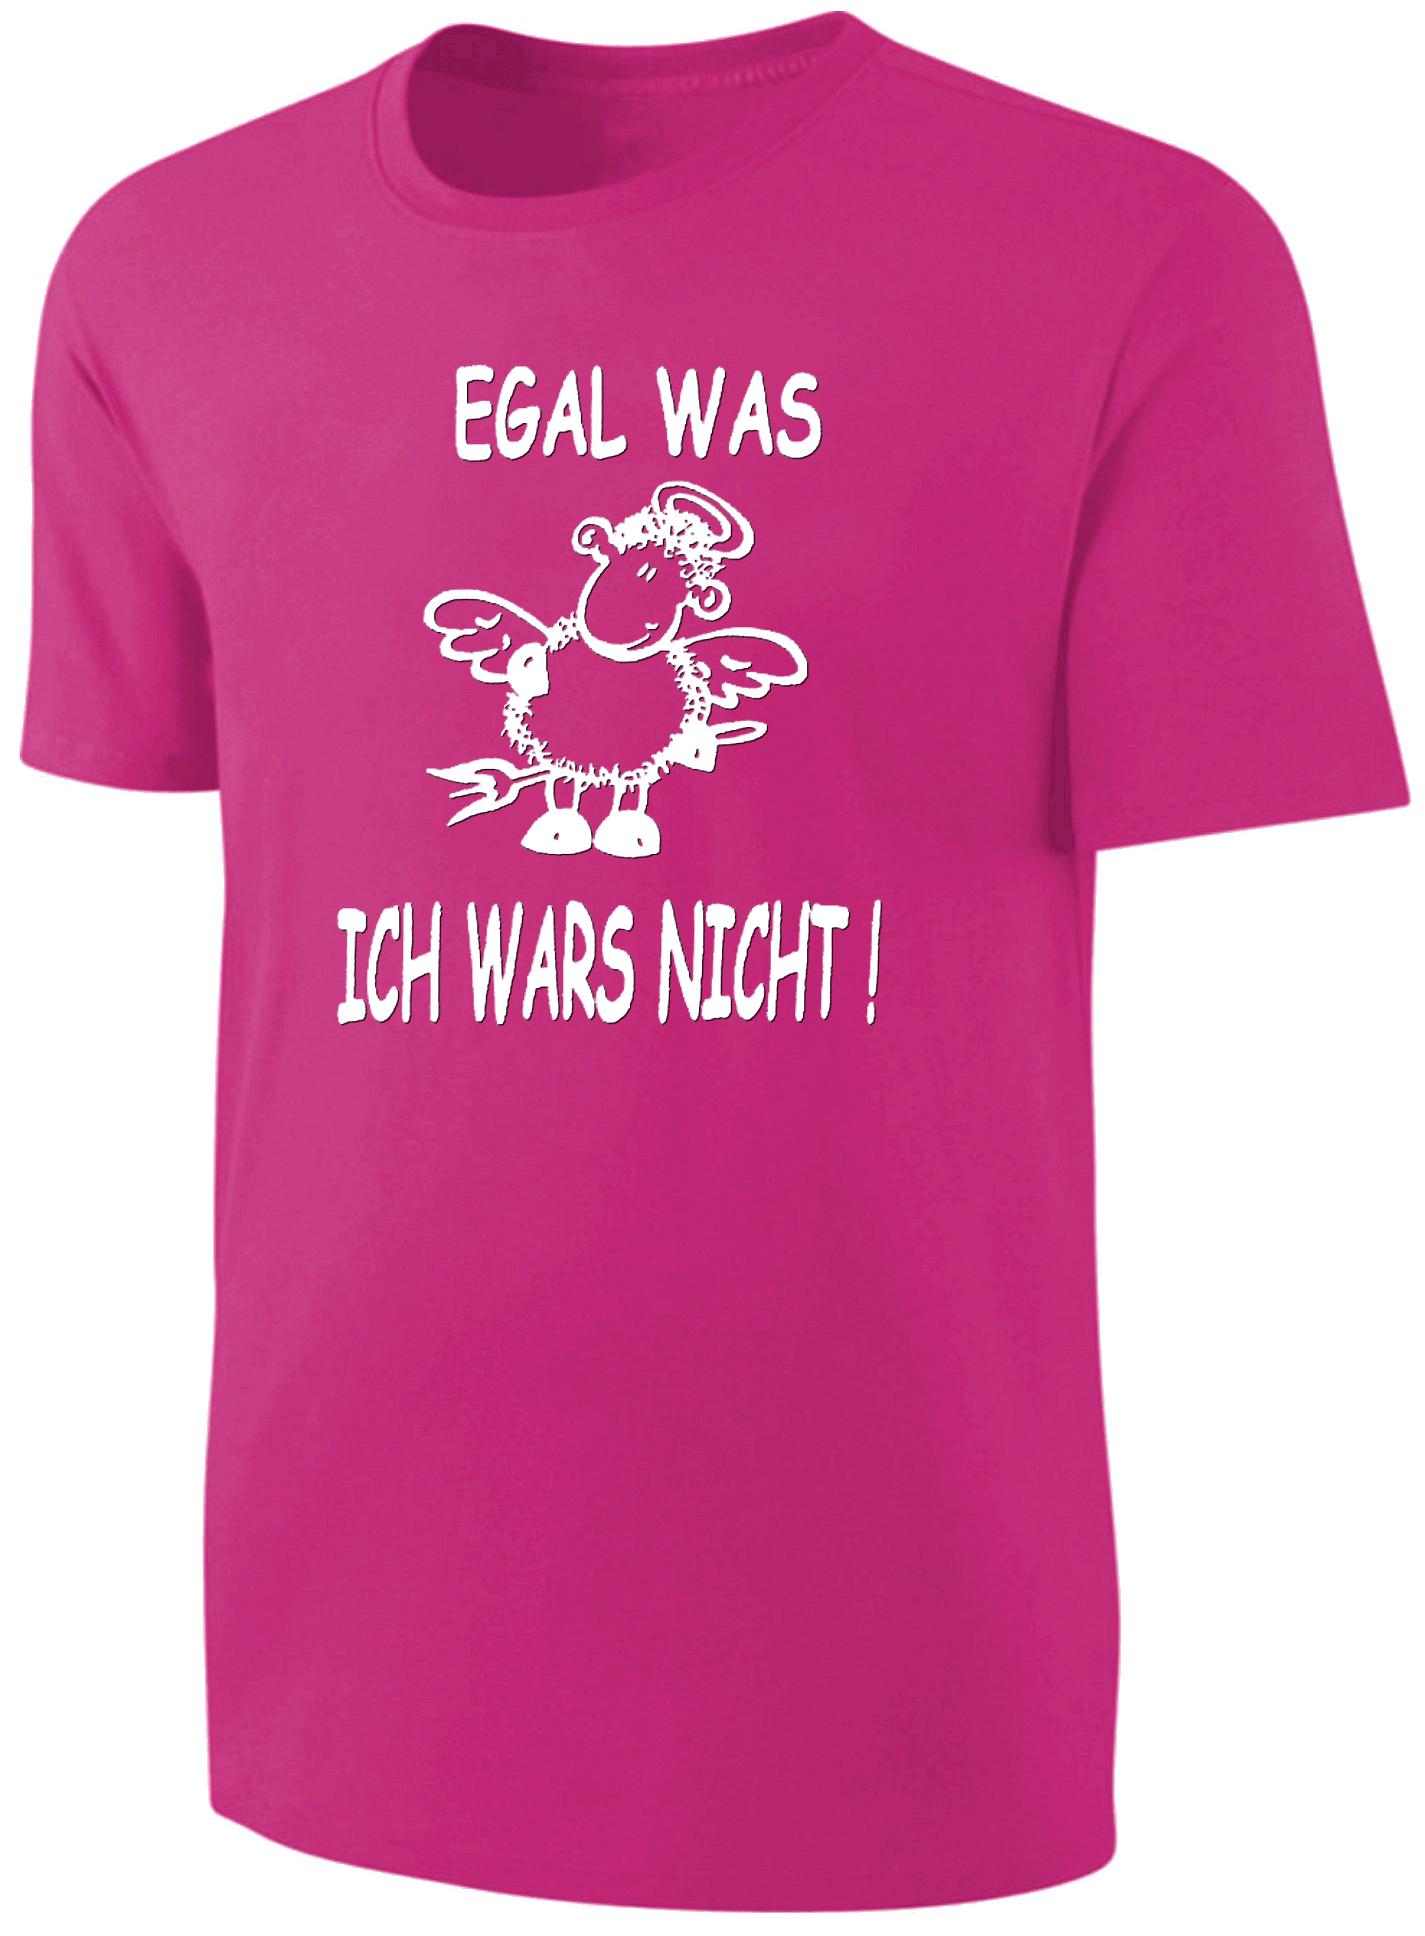 Full Size of Krankenschwester Sprüche T Shirt Fussball Sprüche T Shirt Sprüche T Shirt 40 Geburtstag Landwirtschaft Sprüche T Shirt Küche Sprüche T Shirt